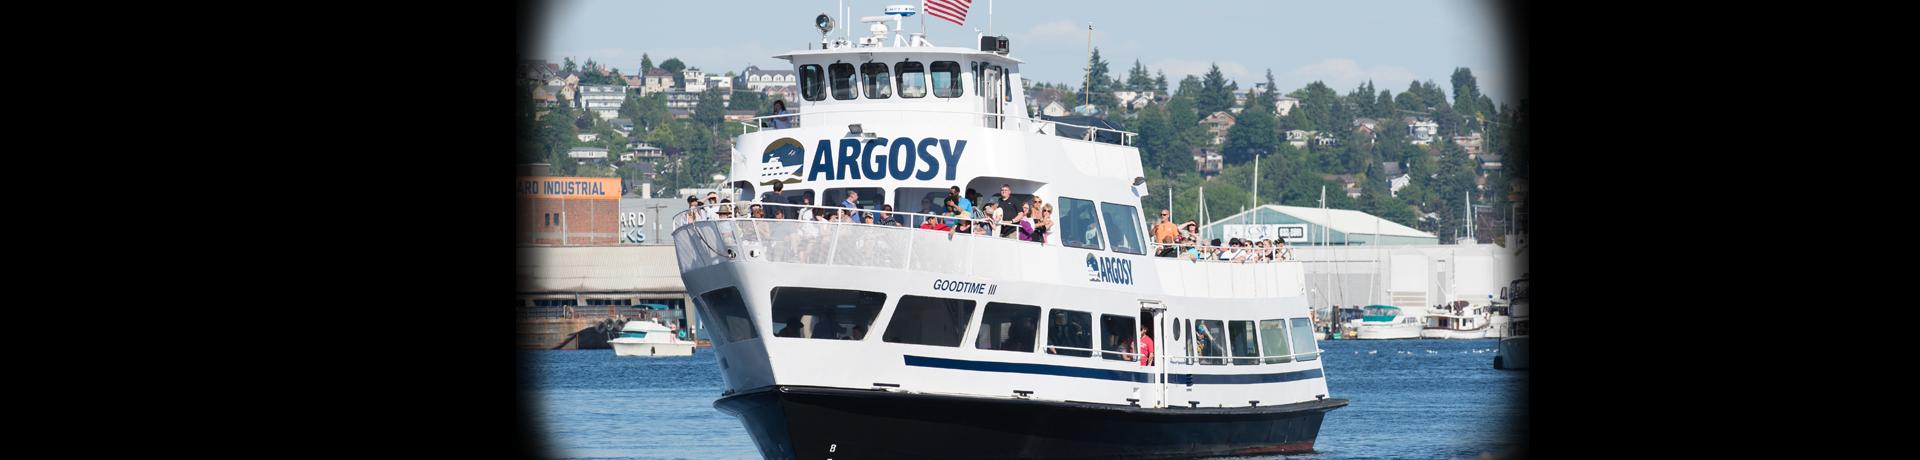 goodtime iii argosy cruises - Argosy Christmas Ships 2014